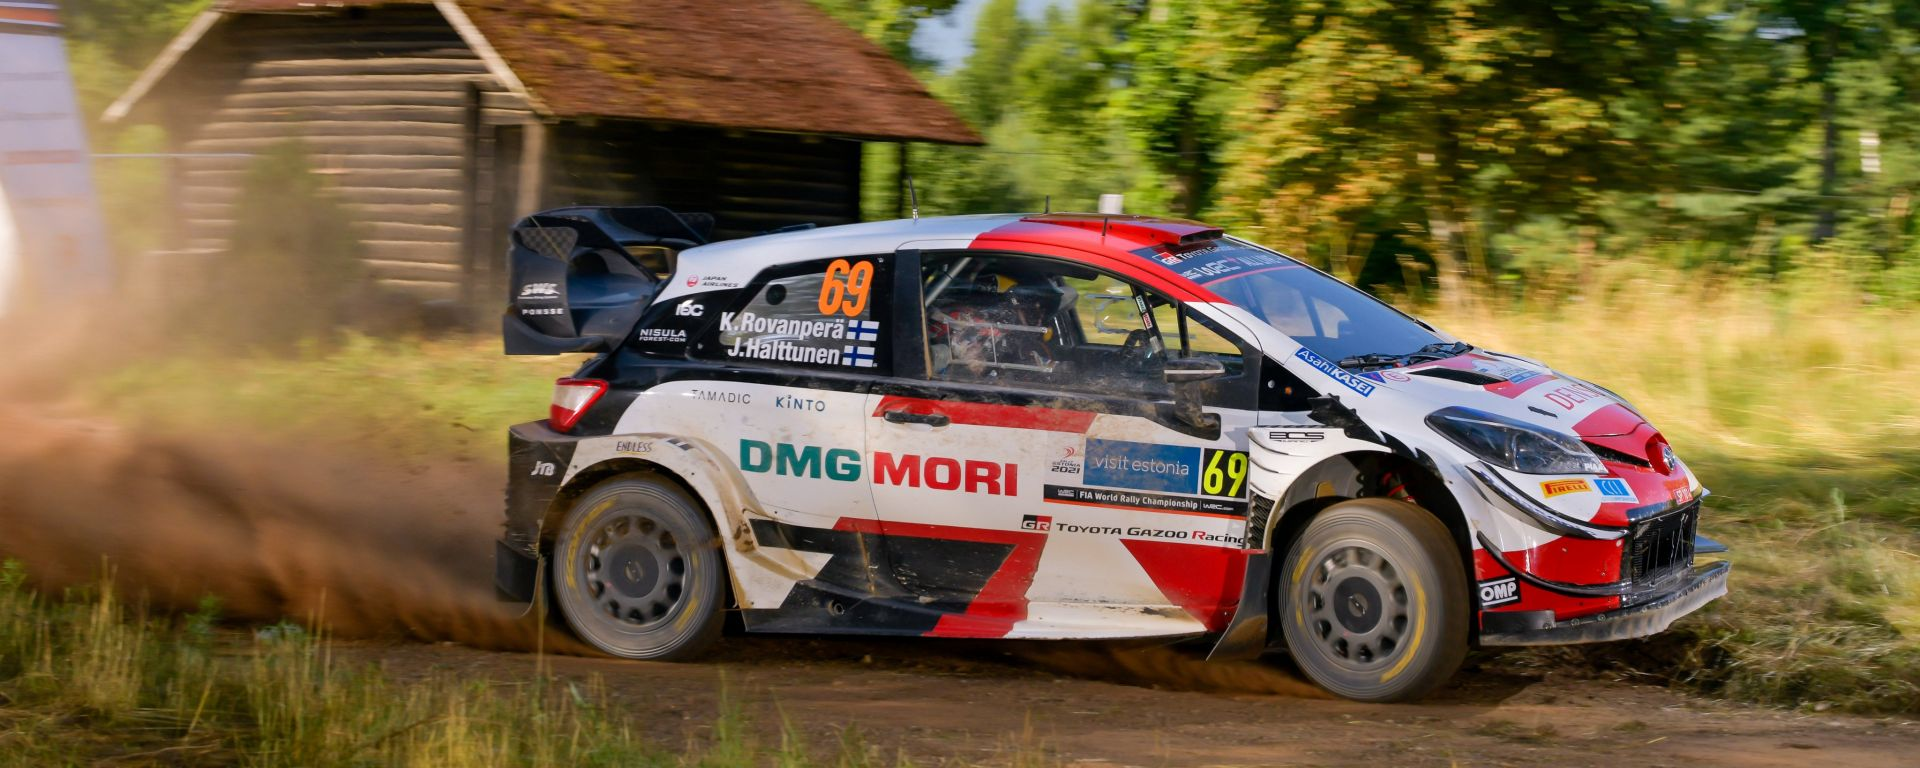 WRC, Rally Estonia 2021: Kalle Rovampera (Toyota)